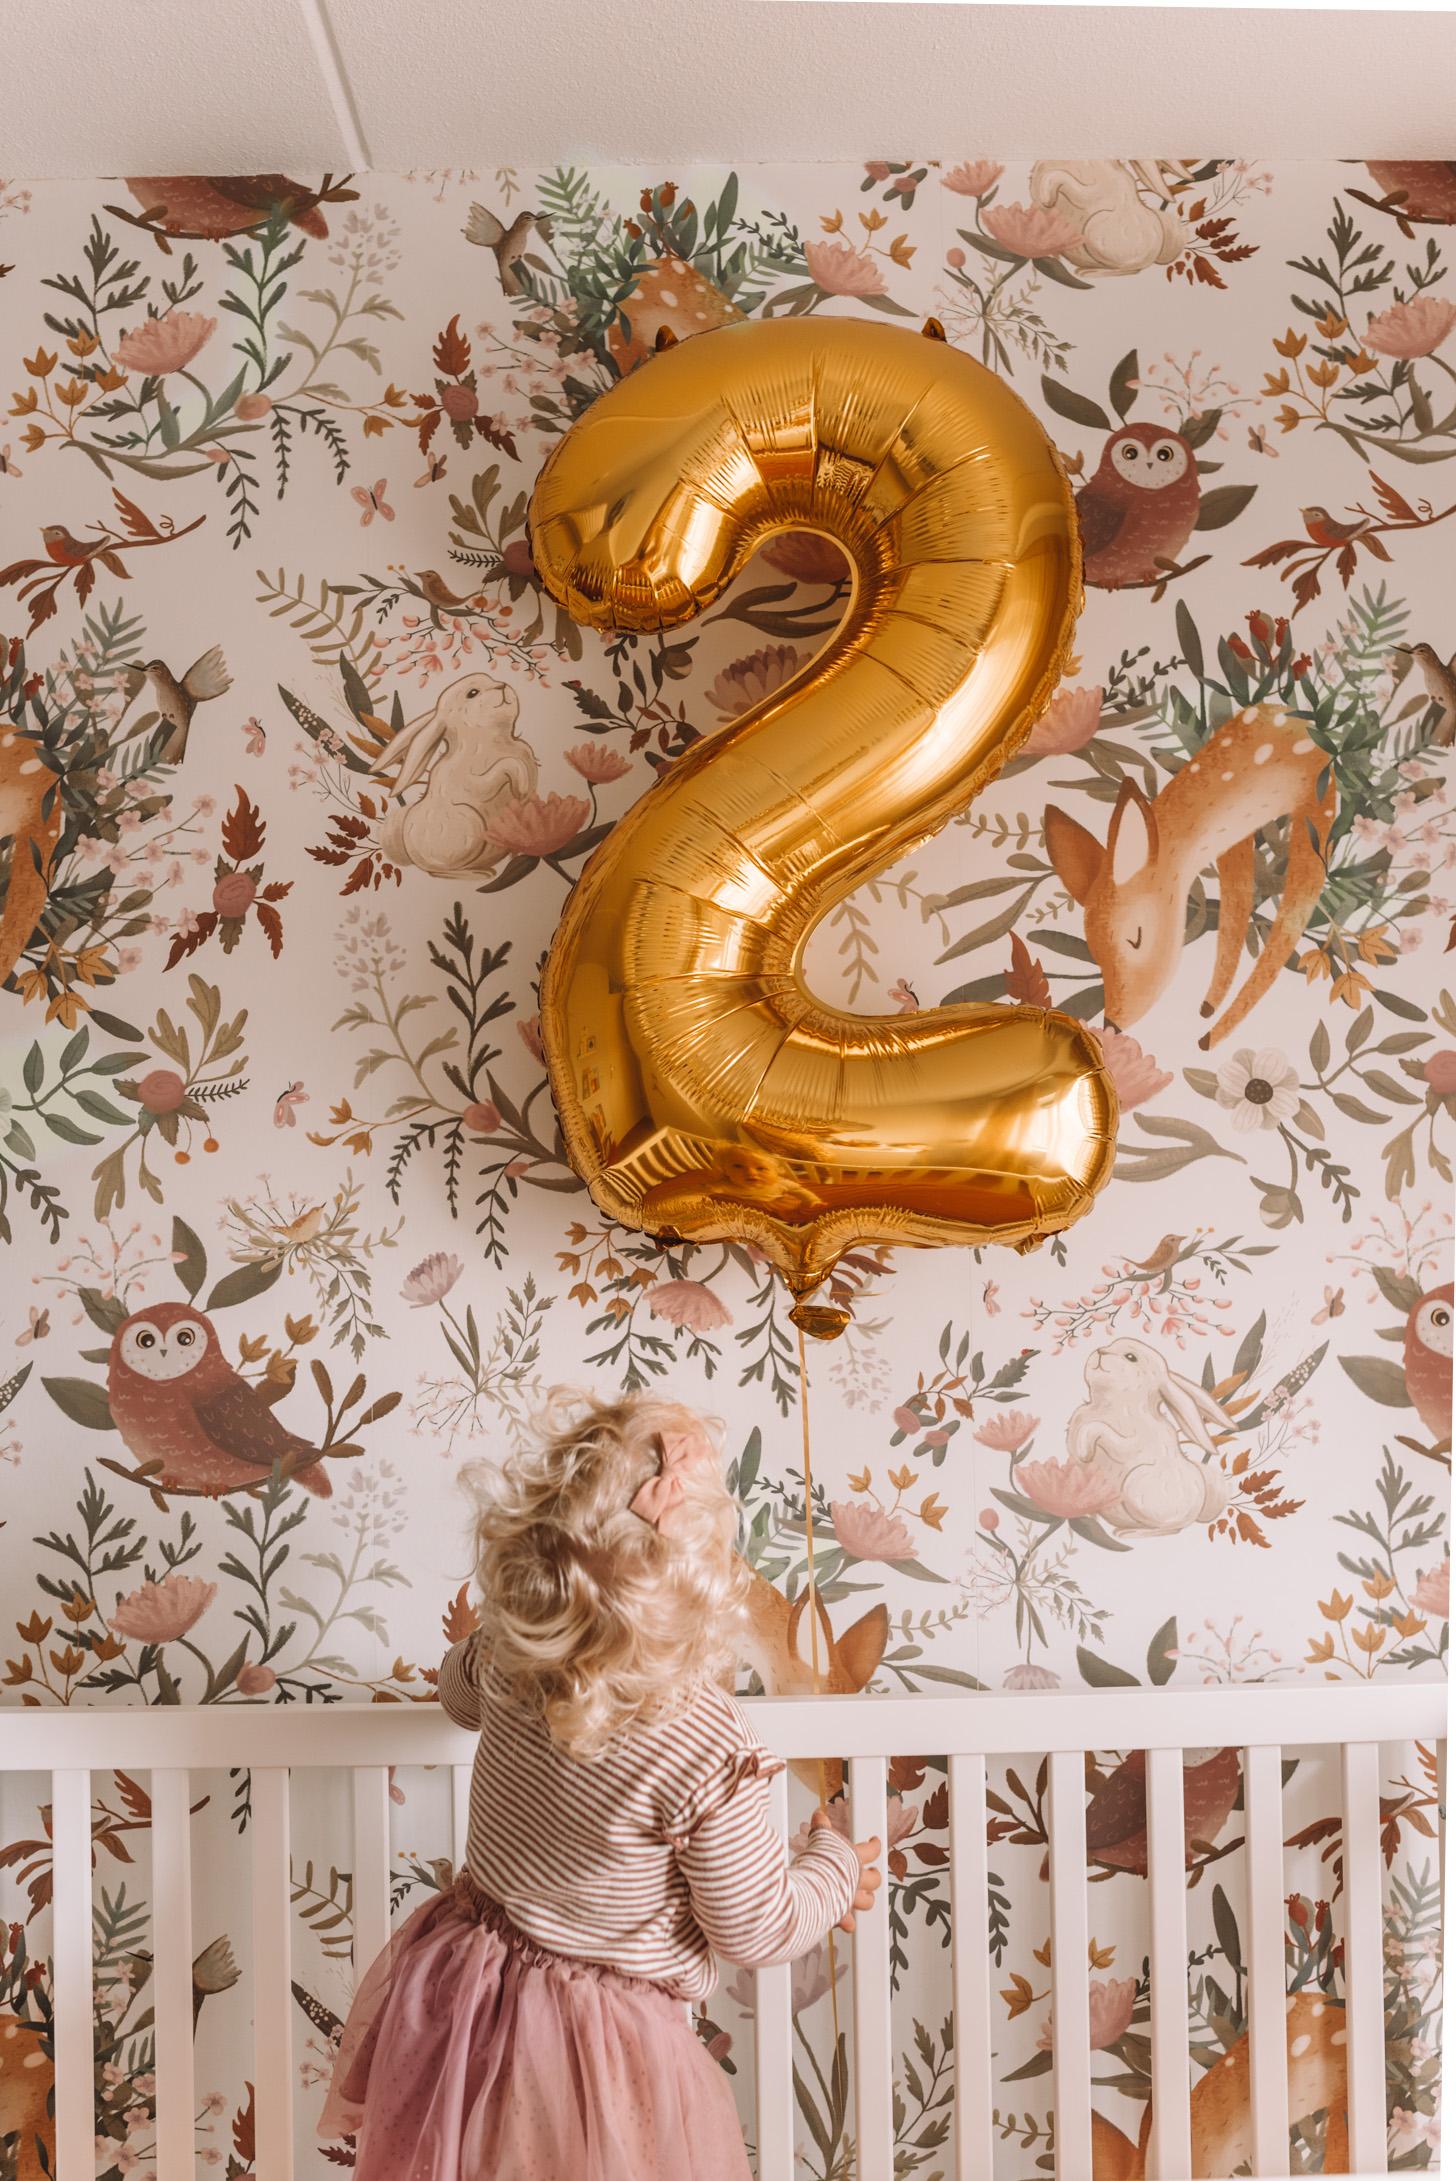 Tweede Verjaardag.Zara S Tweede Verjaardag A Cup Of Life